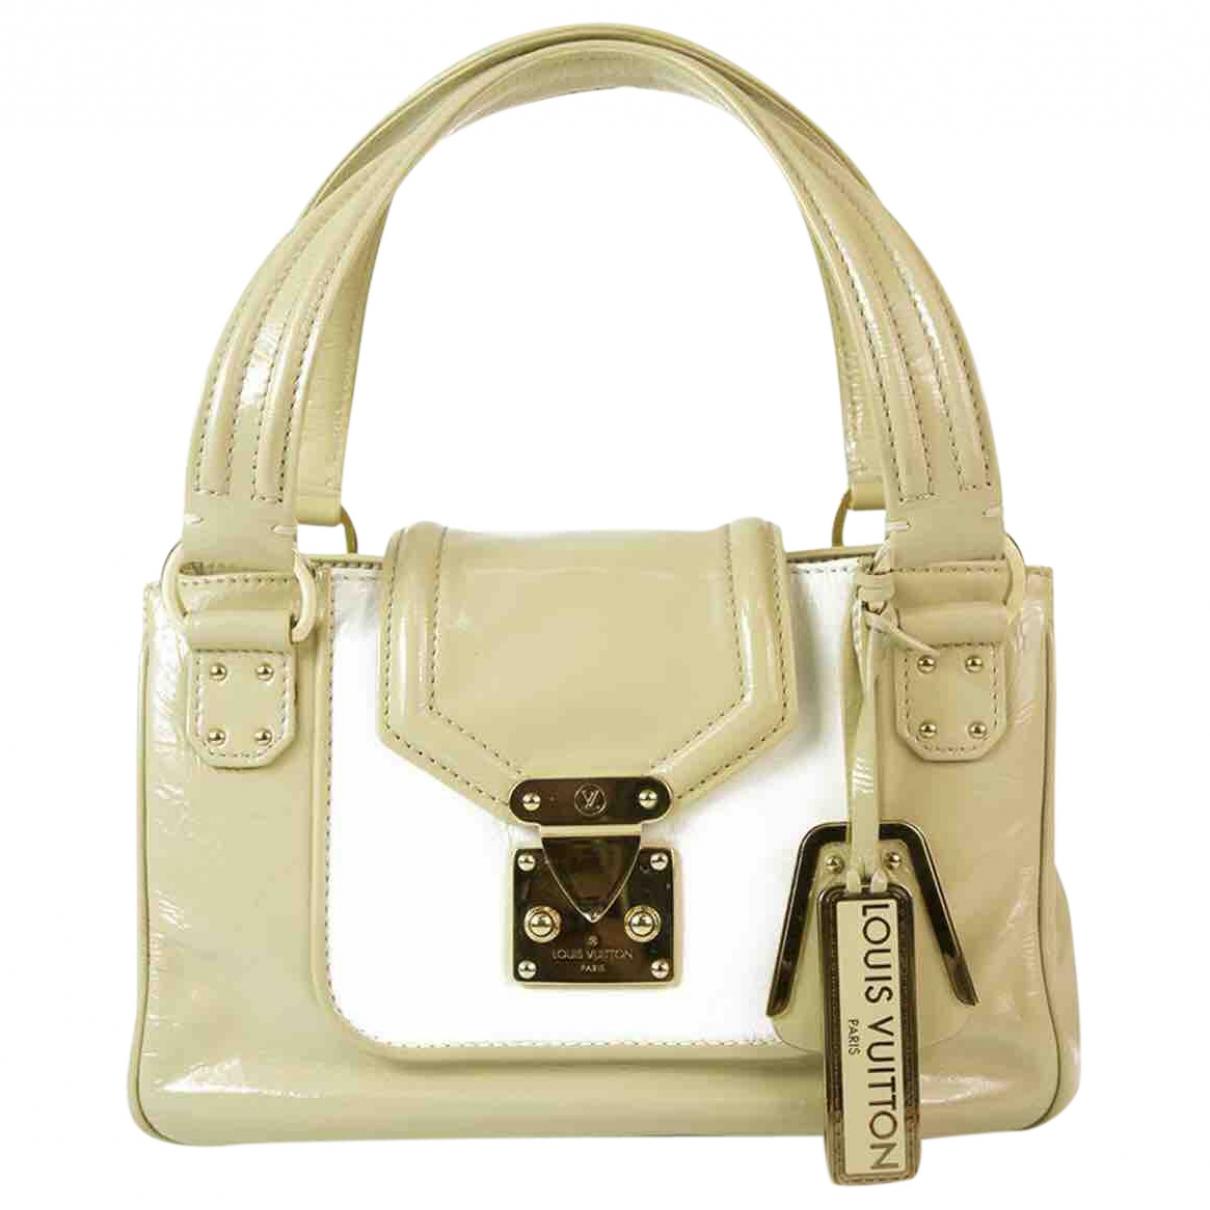 Louis Vuitton \N Handtasche in  Beige Lackleder